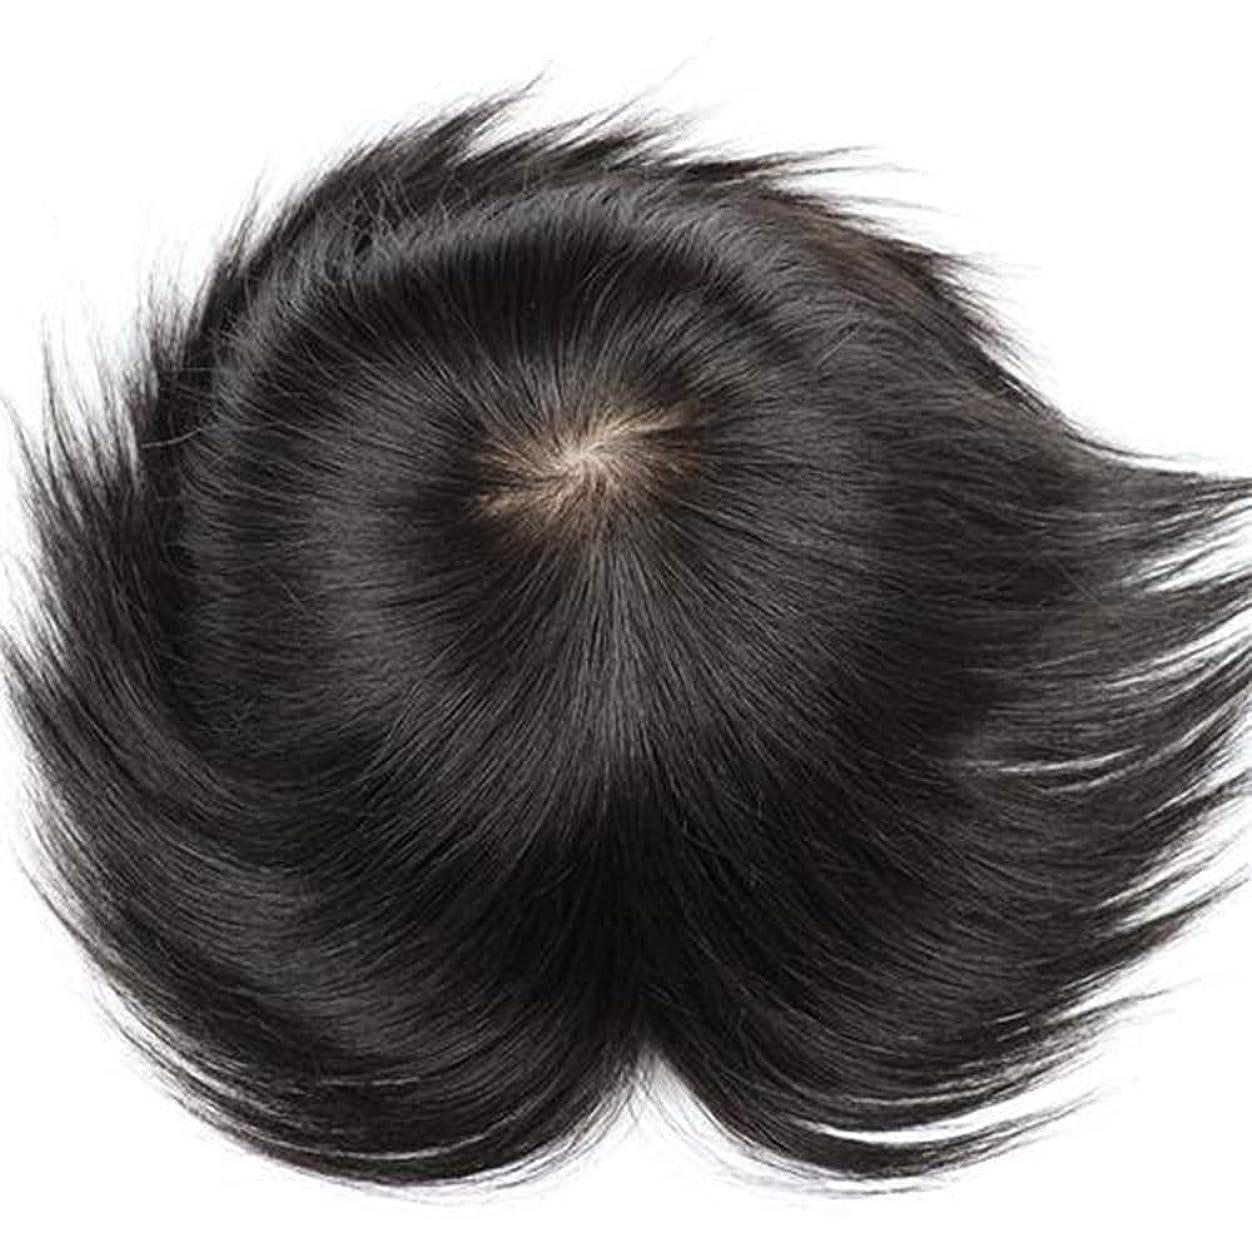 スコア推論非効率的なYAHONGOE 男性用本物のヘアライトウィッグかつらヘッドトップコスプレパーティードレスファッションかつら (色 : Natural black, サイズ : 16x18)